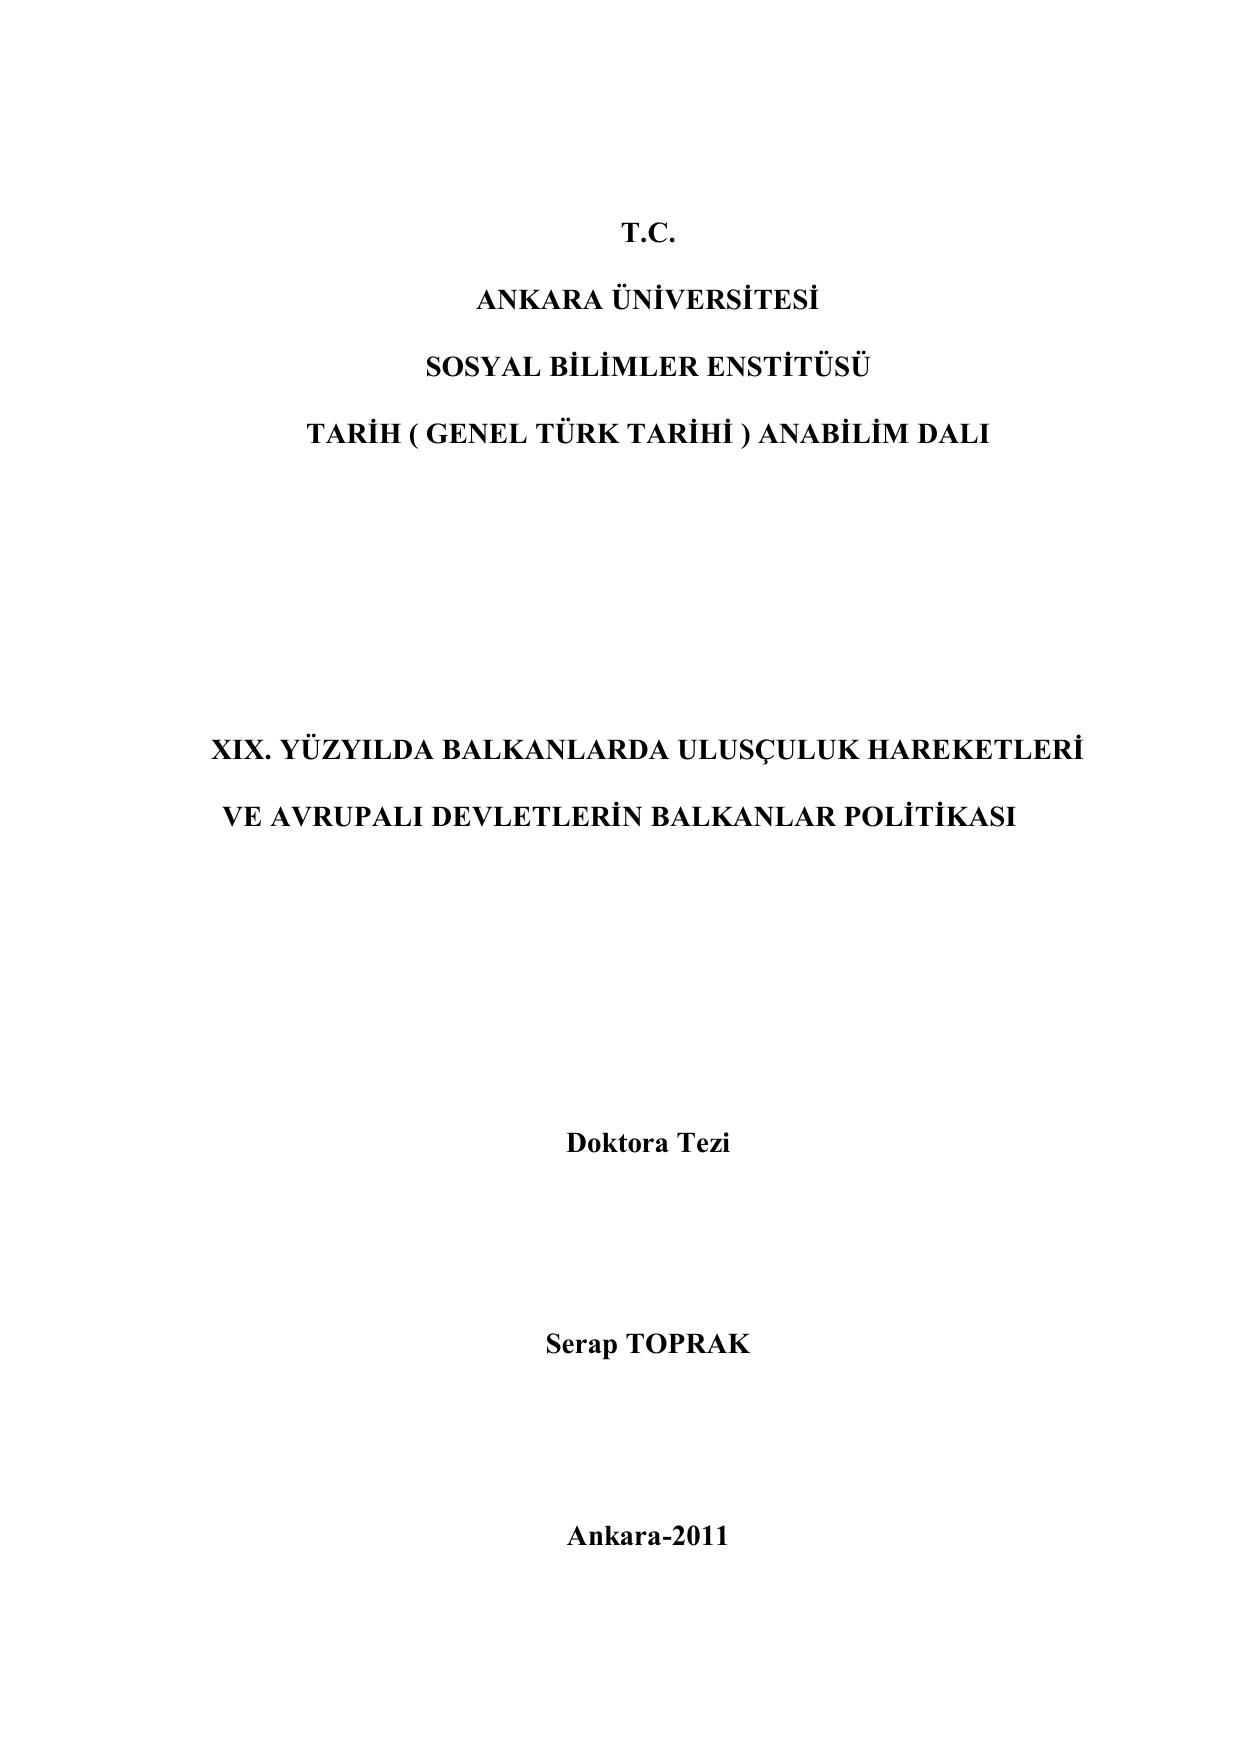 MTZ-100: tanımı, özellikleri, olasılıkları 16